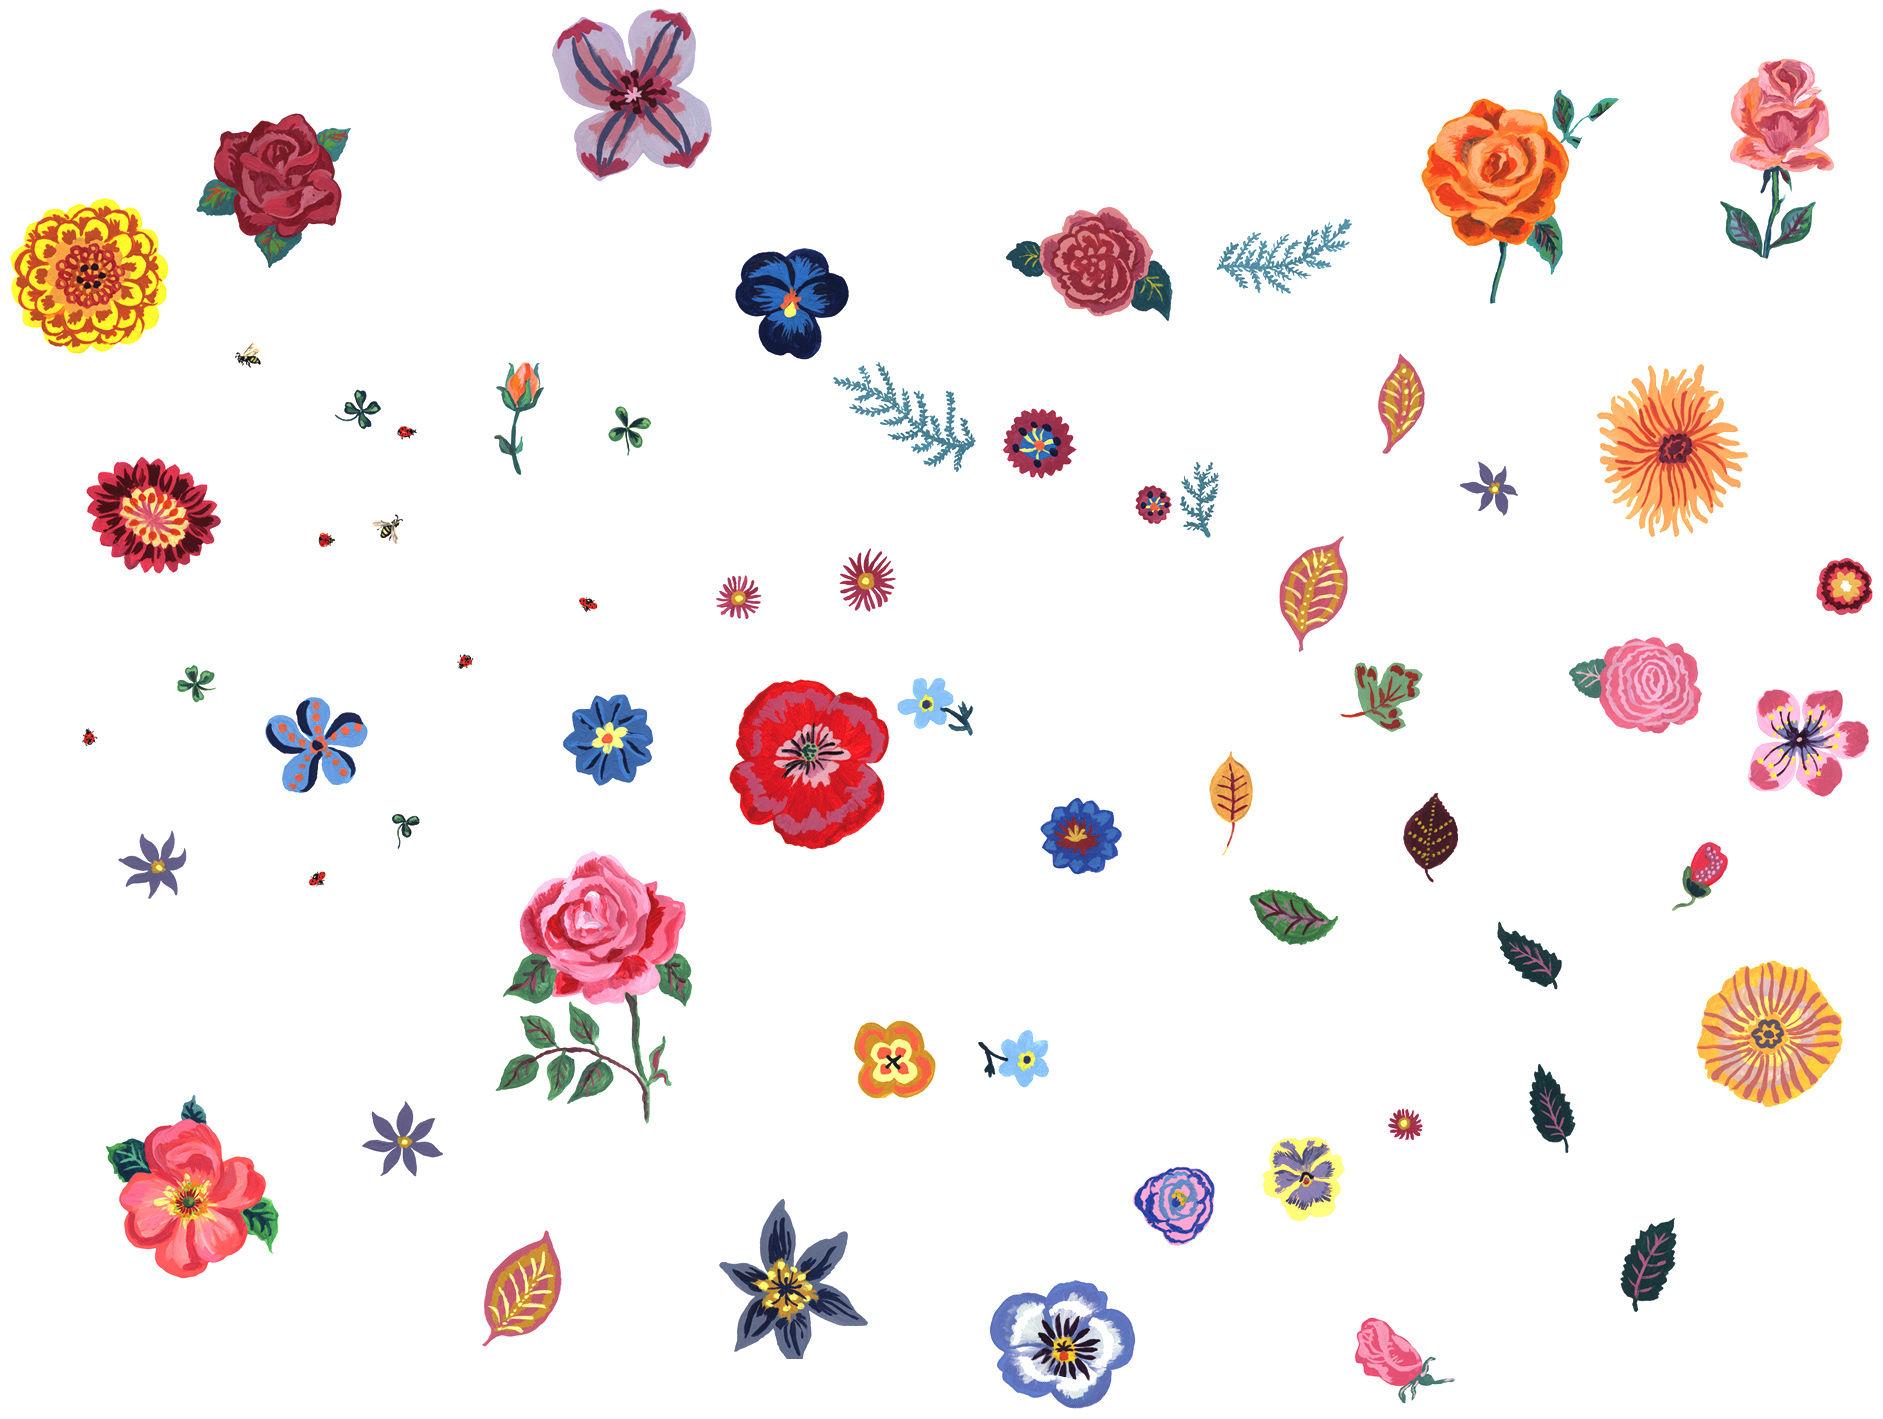 Dekoration - Stickers und Tapeten - Des fleurs Sticker 40er Set - Domestic - Mehrfarbig - Blumen - Vinyl